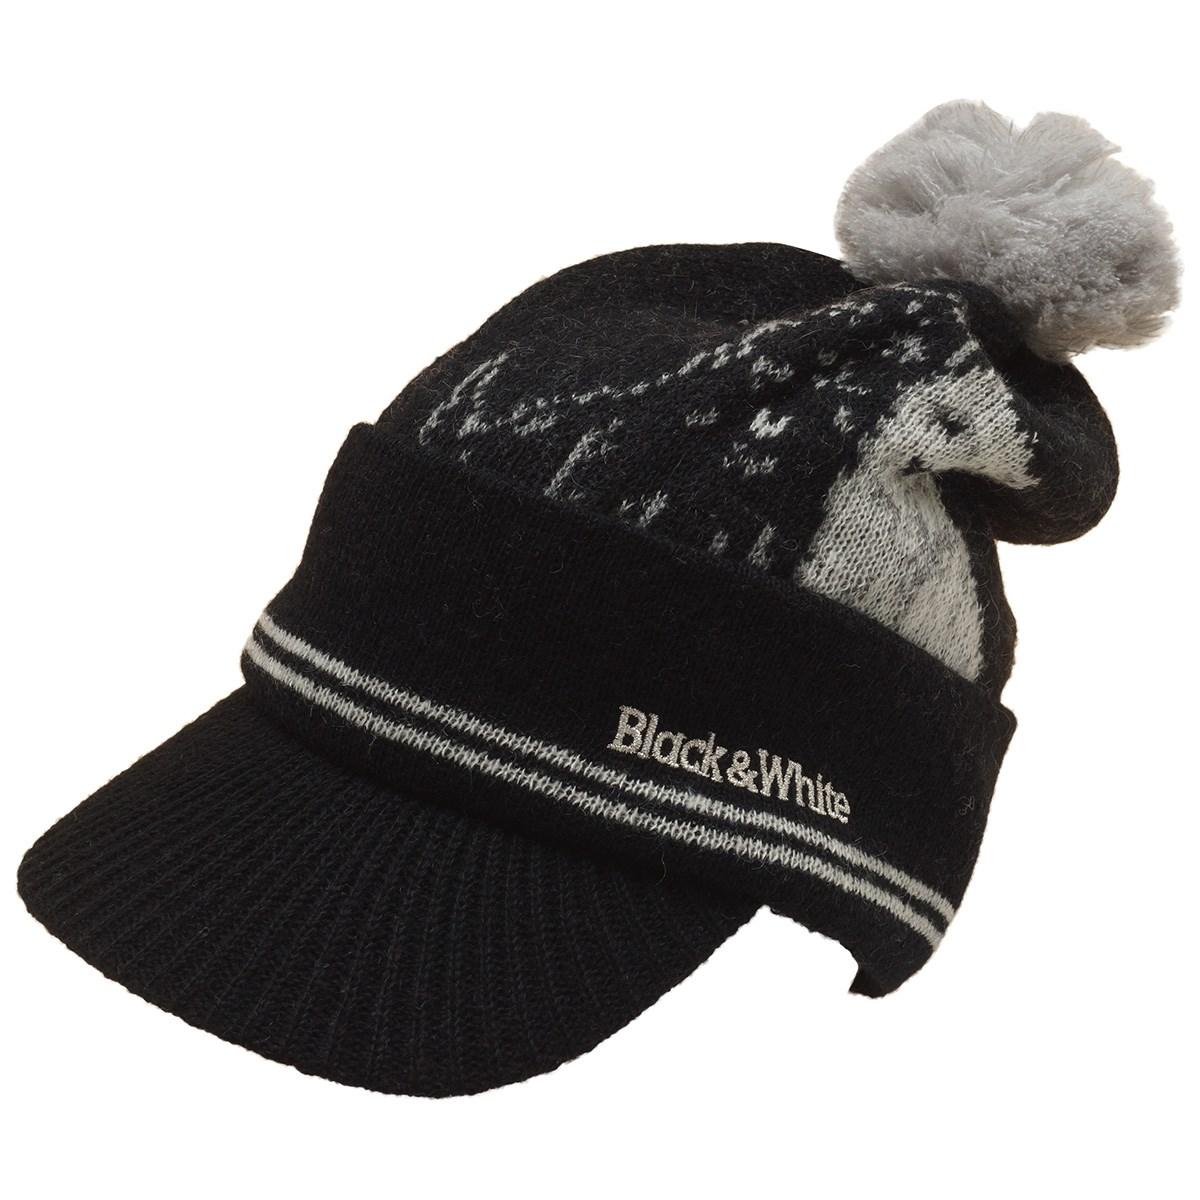 ブラック&ホワイト Black & White ニットキャップ フリー ブラック レディス